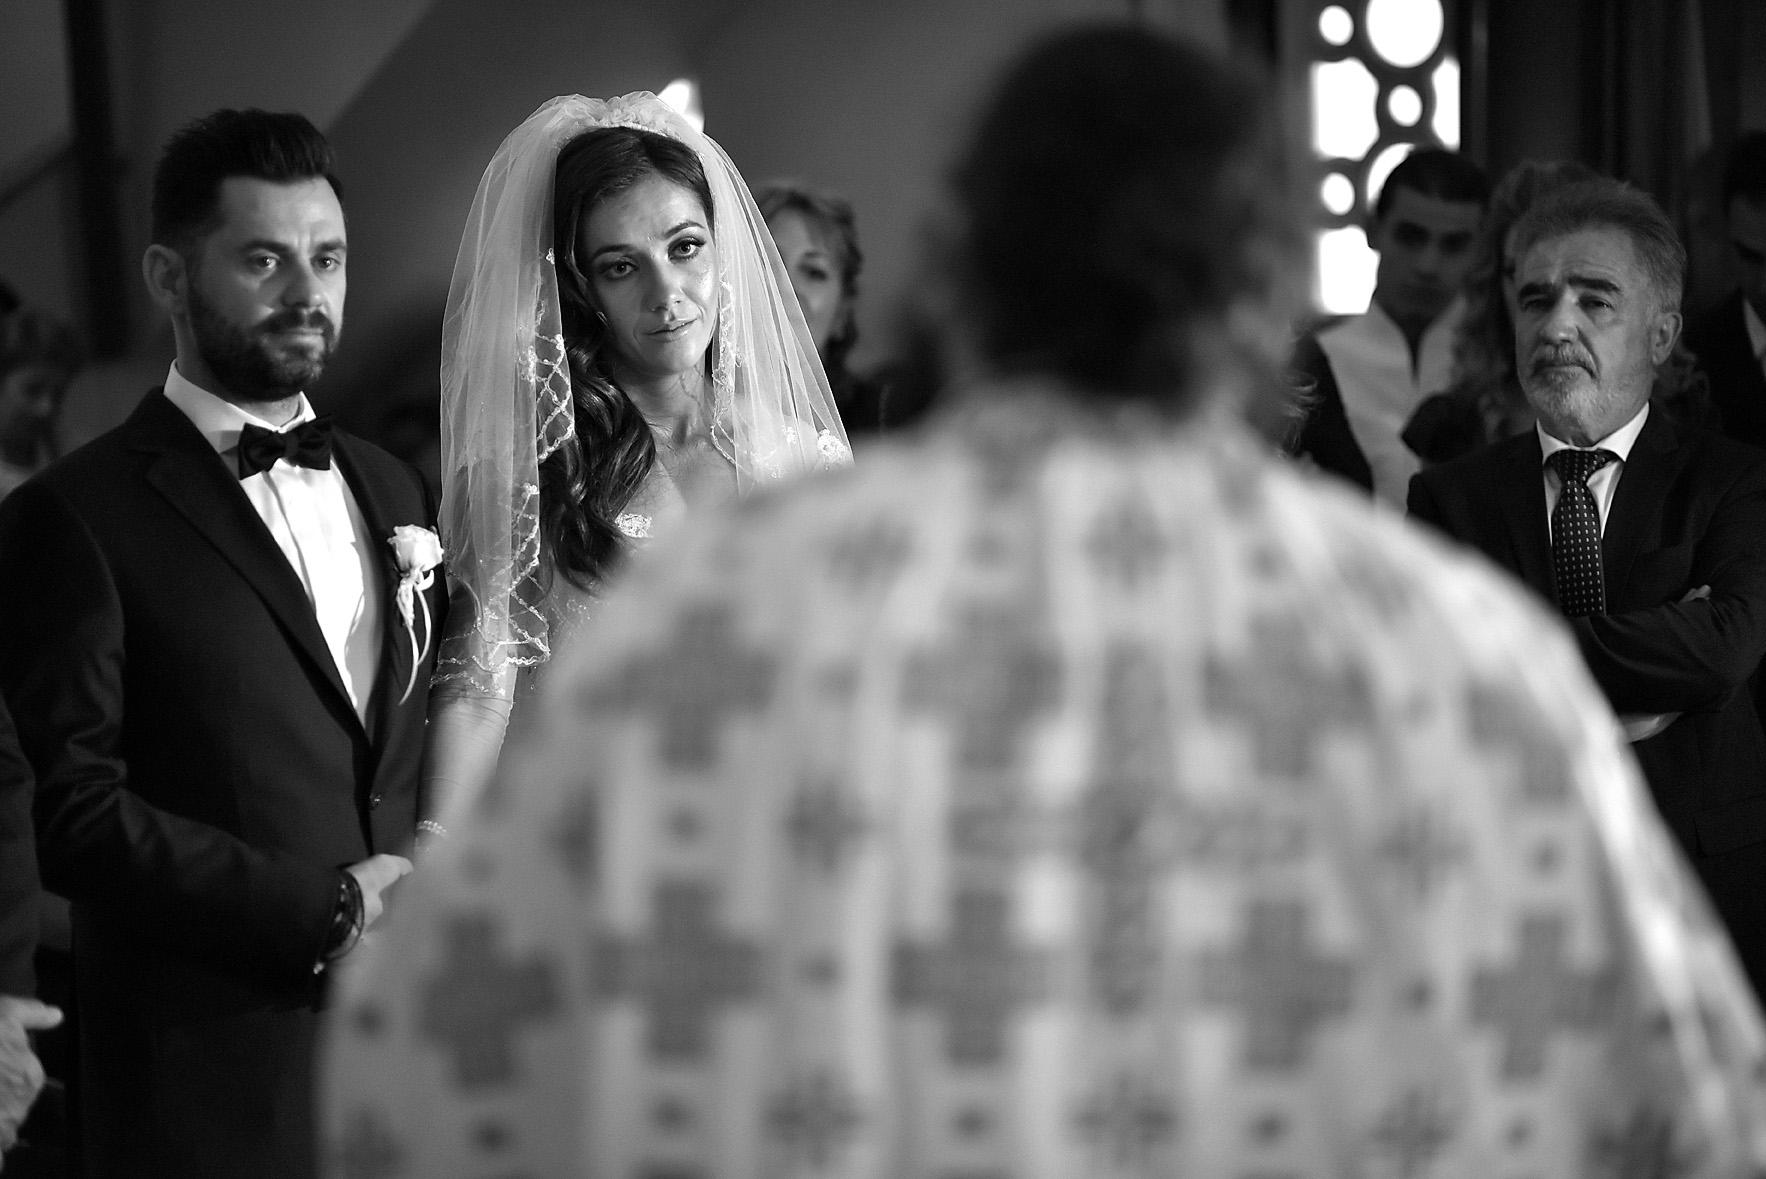 fine-art-photography-wedding-larissa-thessalia-koumaditis-07